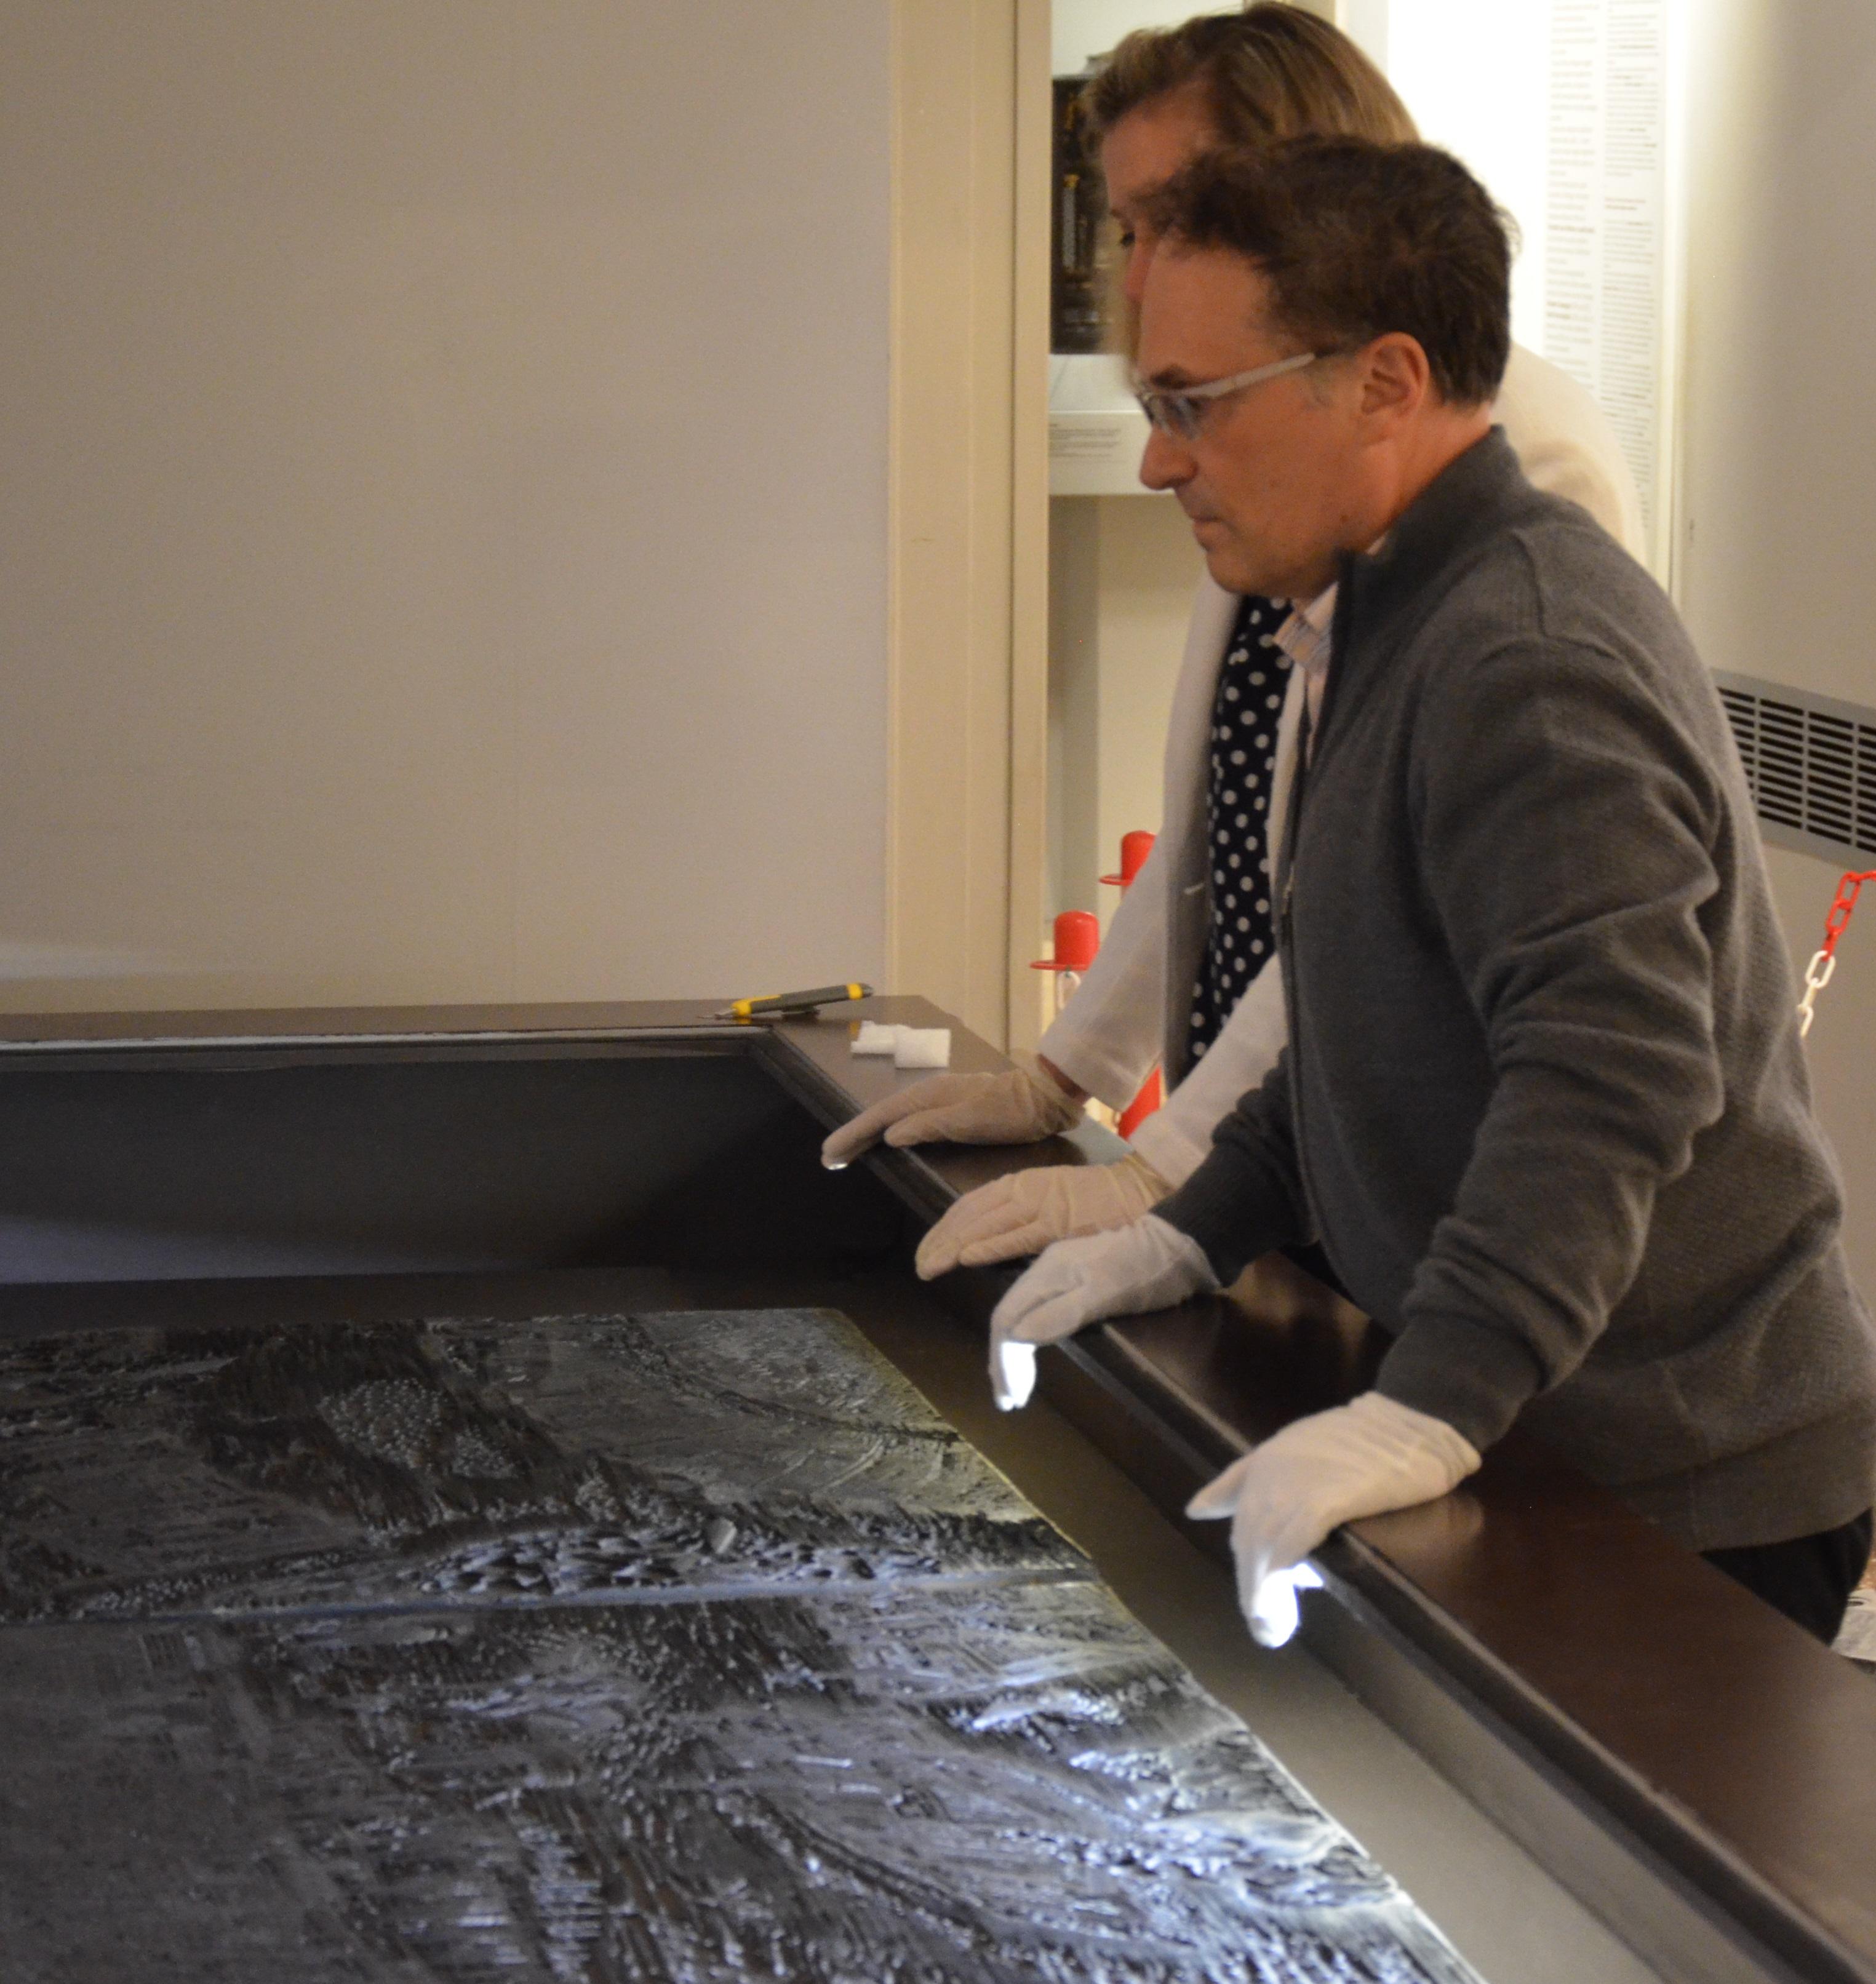 Apertura della vetrina con le matrici del de' Barbari alla presenza dell'arch. Andrea Bellieni e della dott.ssa Kristin Lanzoni